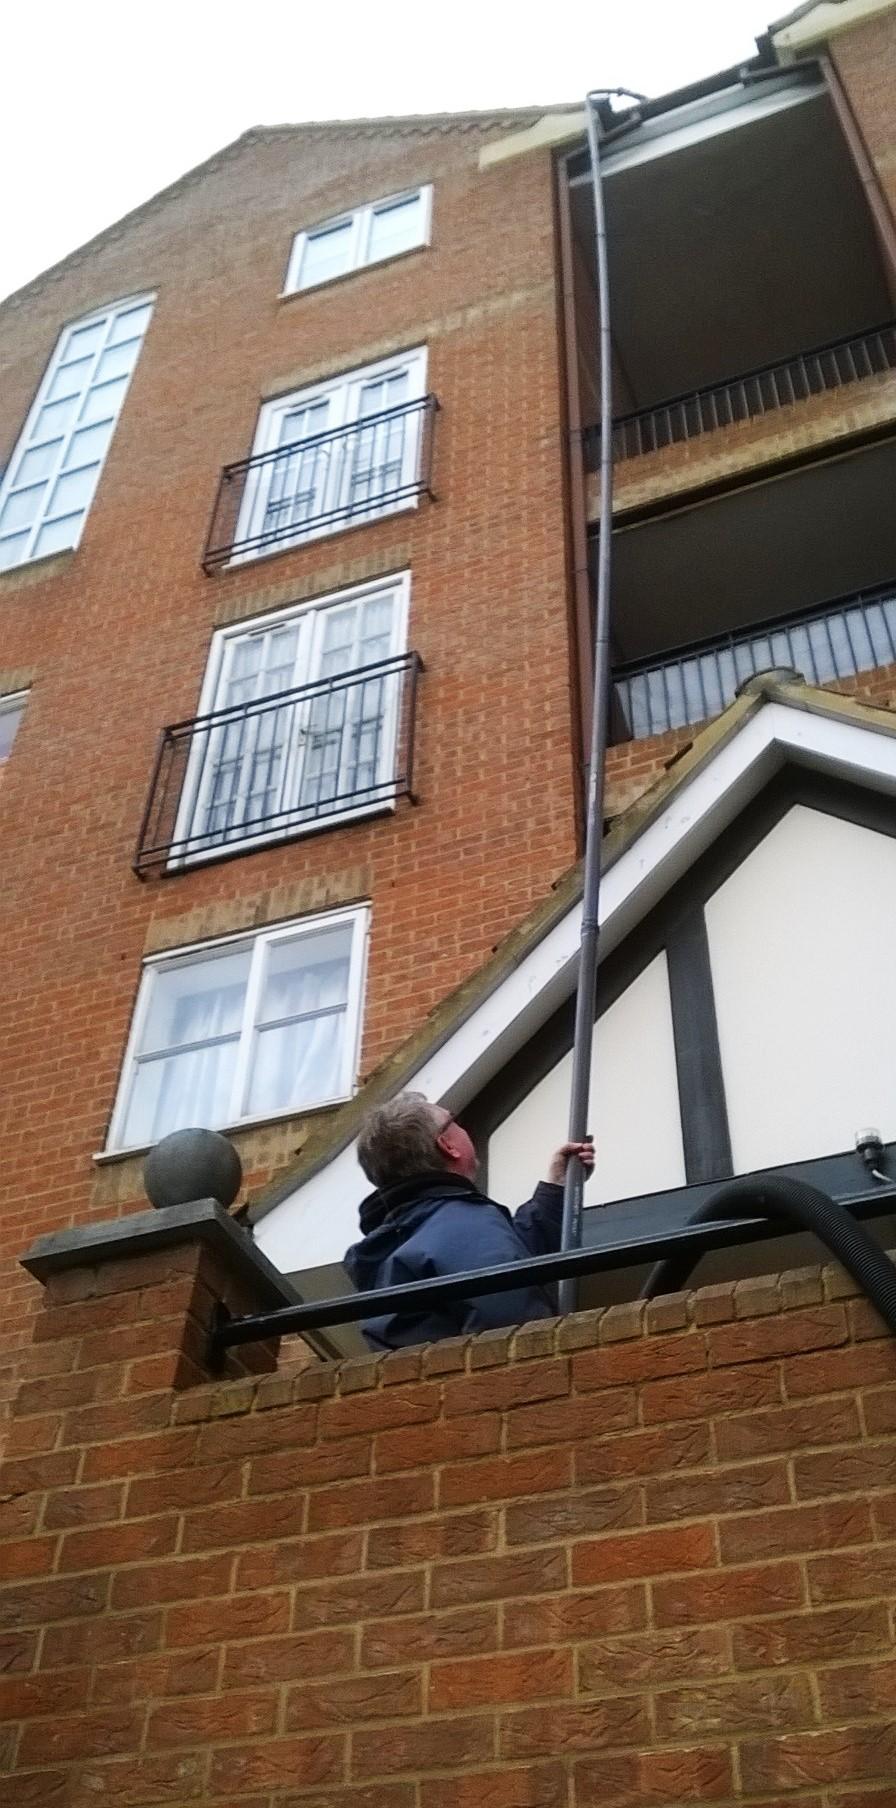 Block of flats gutter cleaner